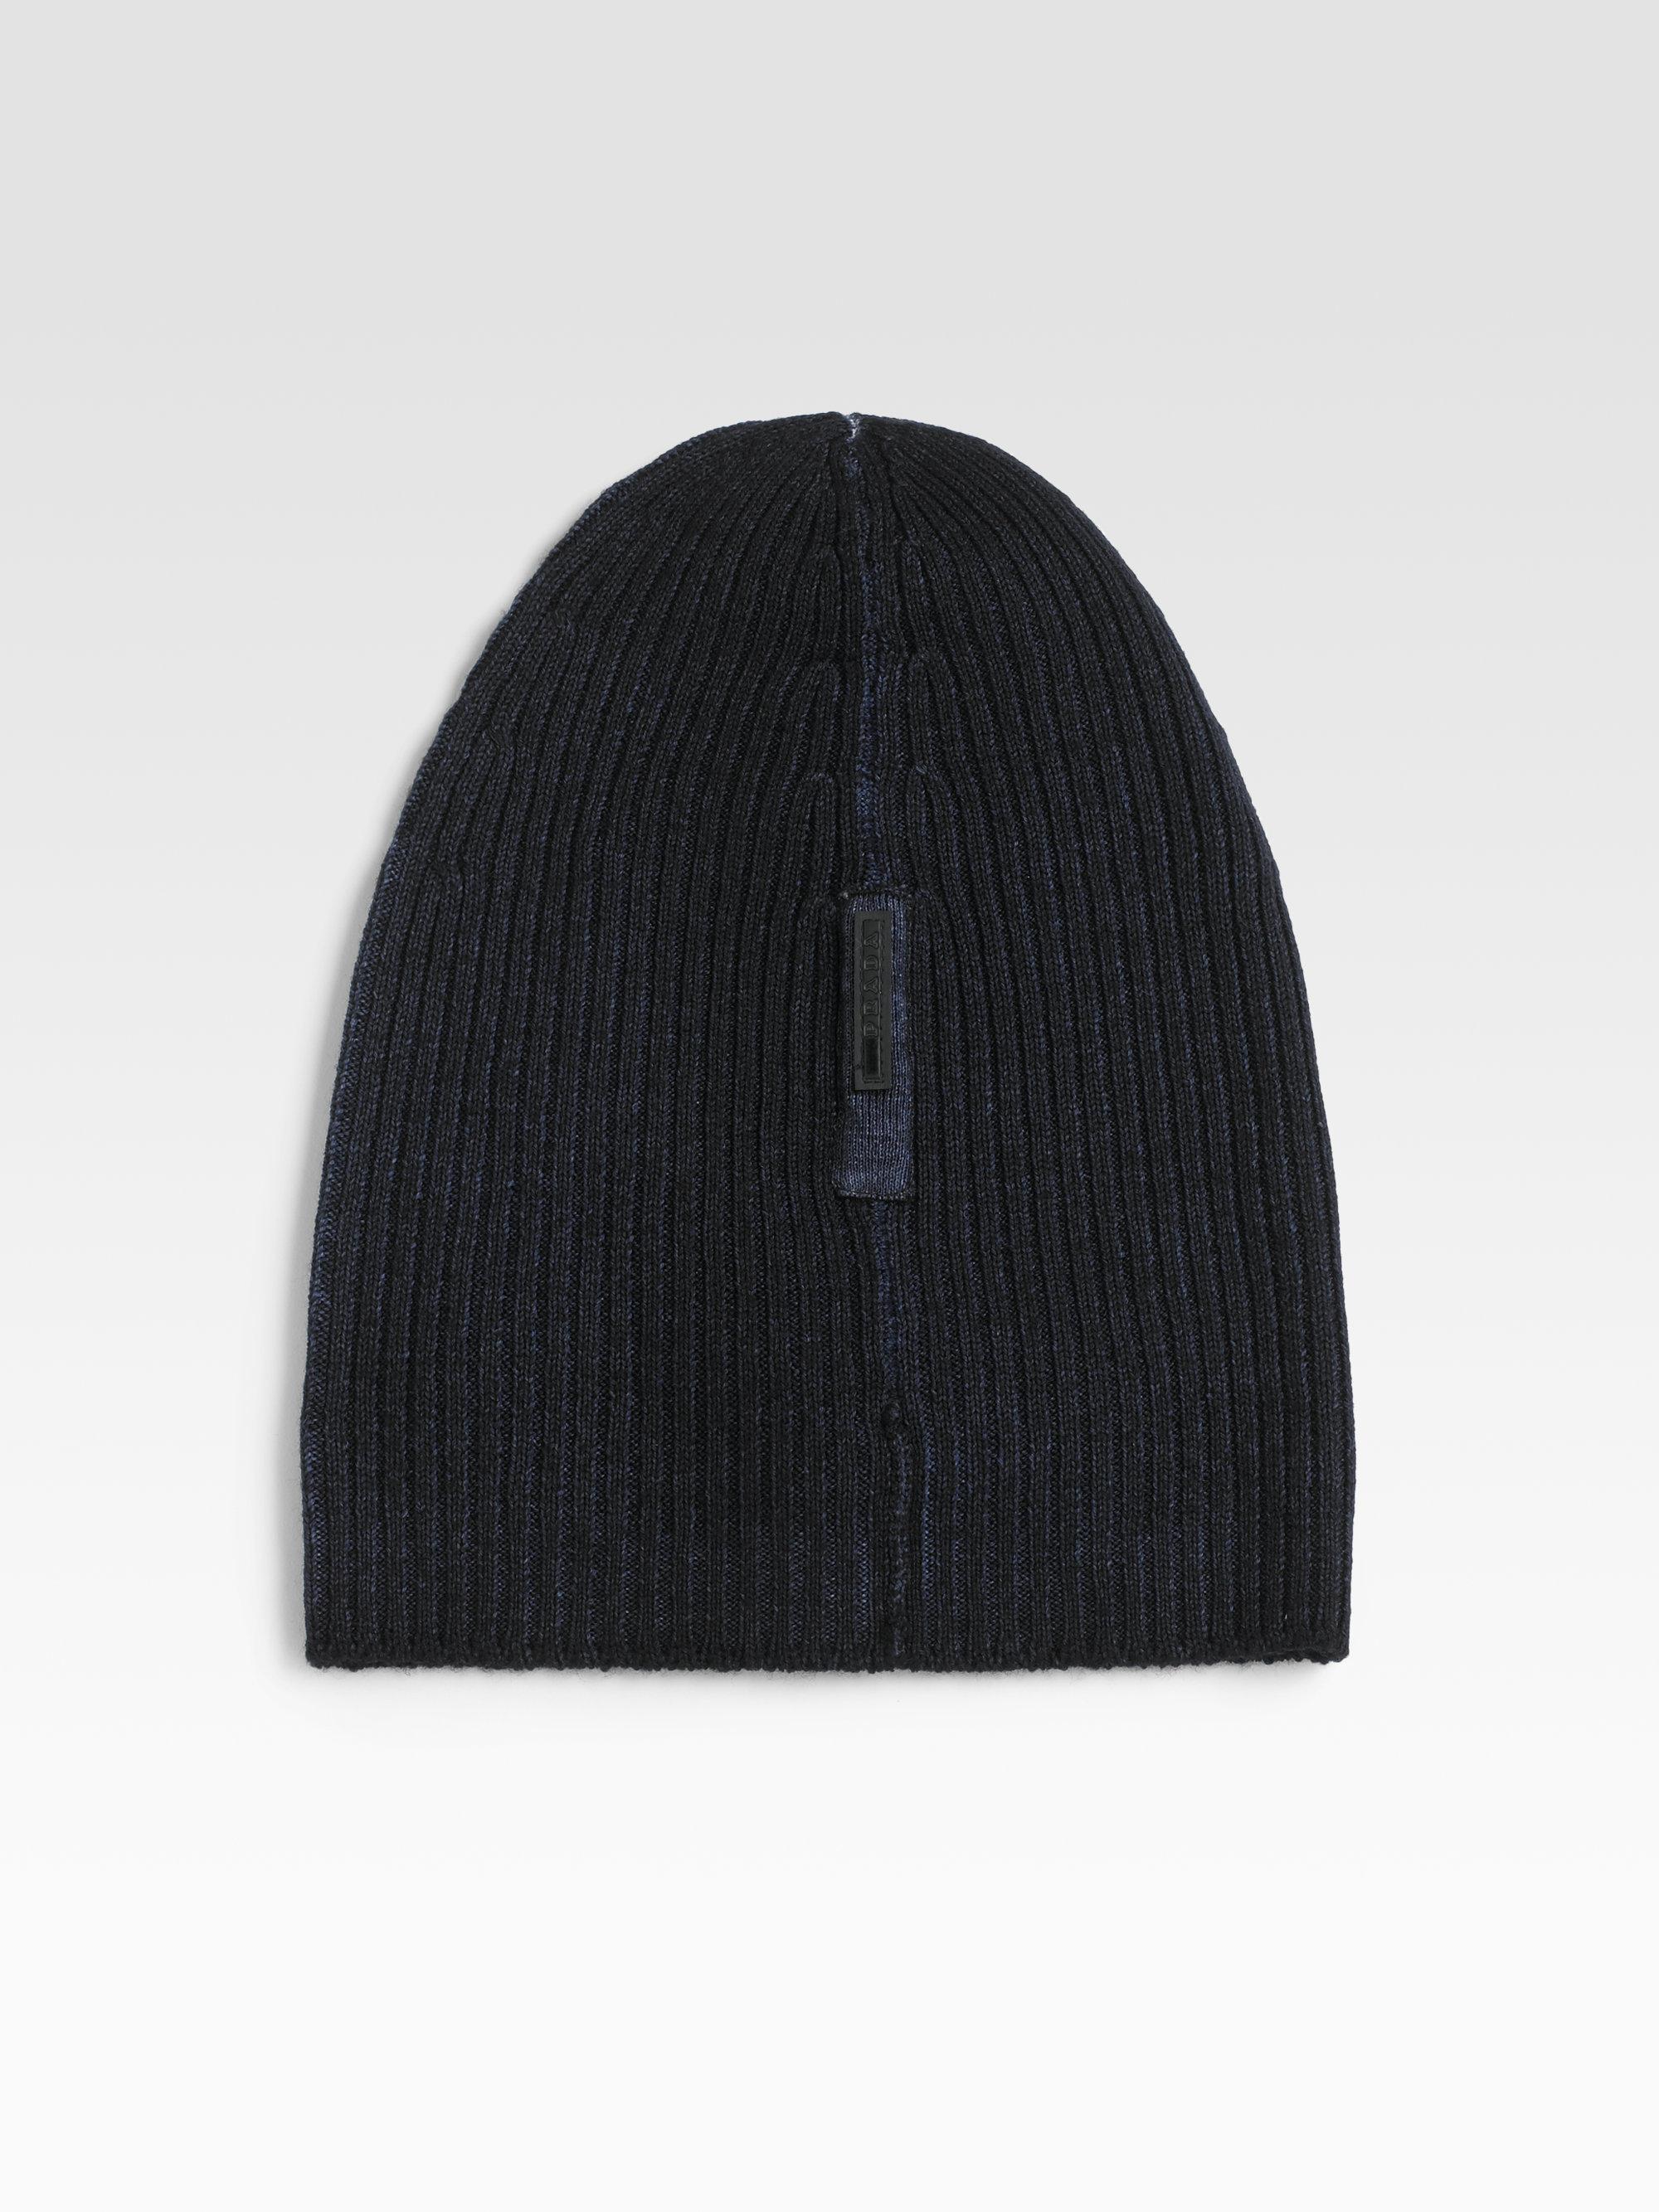 Lyst - Prada Wool Skull Cap in Blue for Men 243fd13b08cd